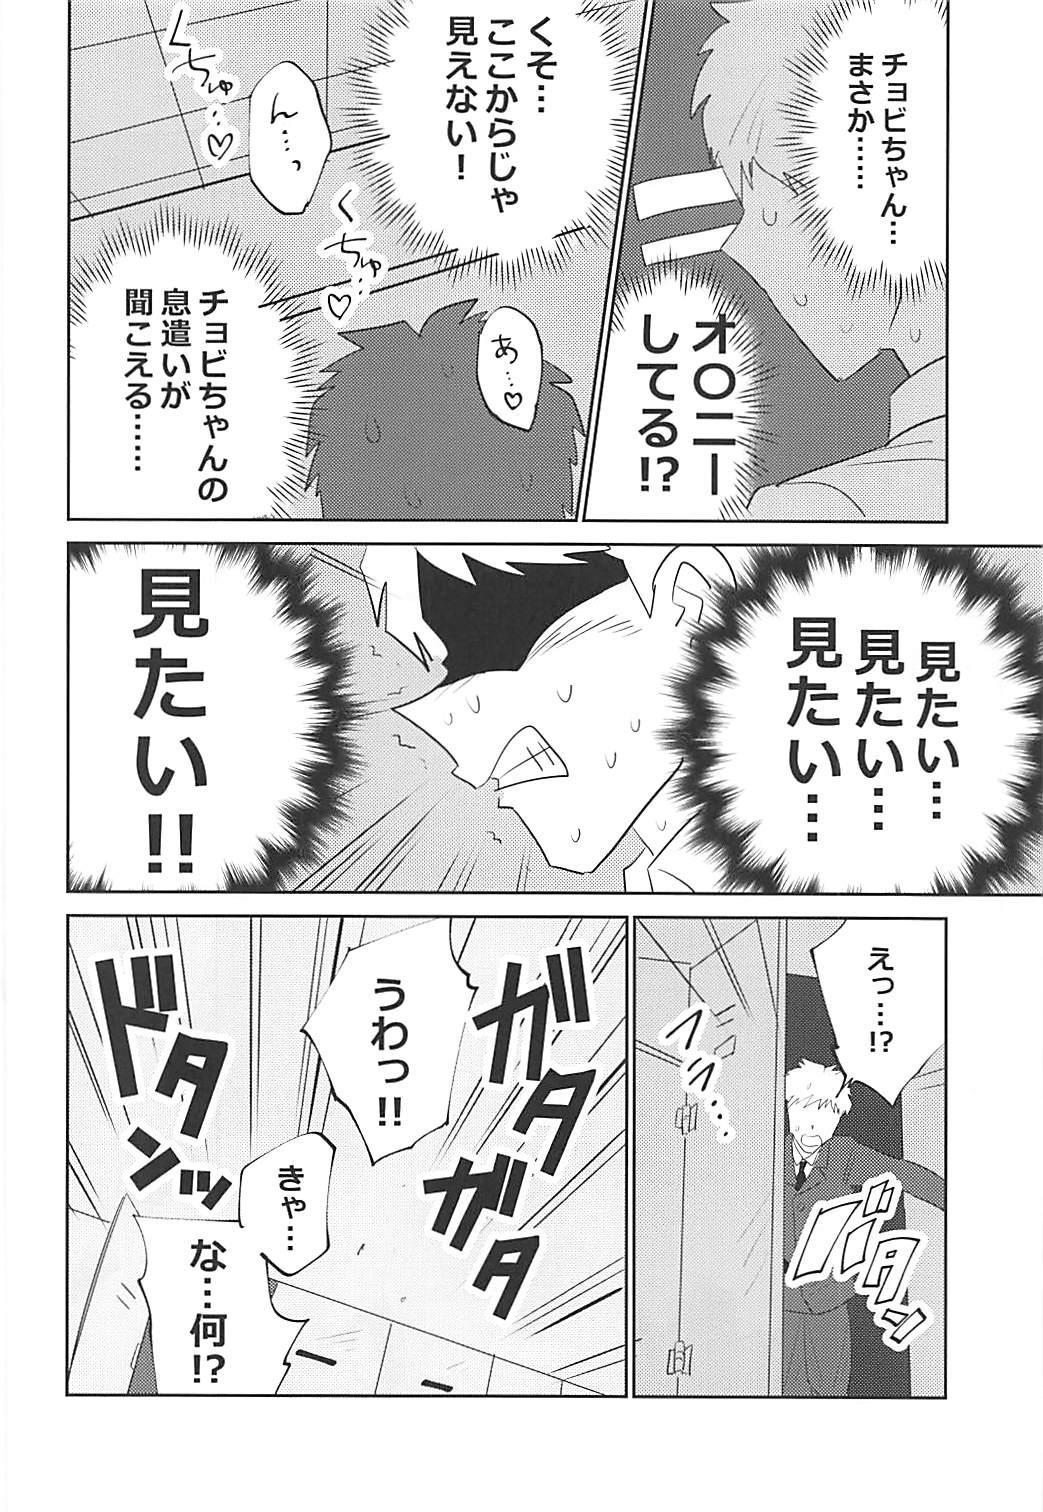 Koko ga Anzio no Kouishitsu desu 8